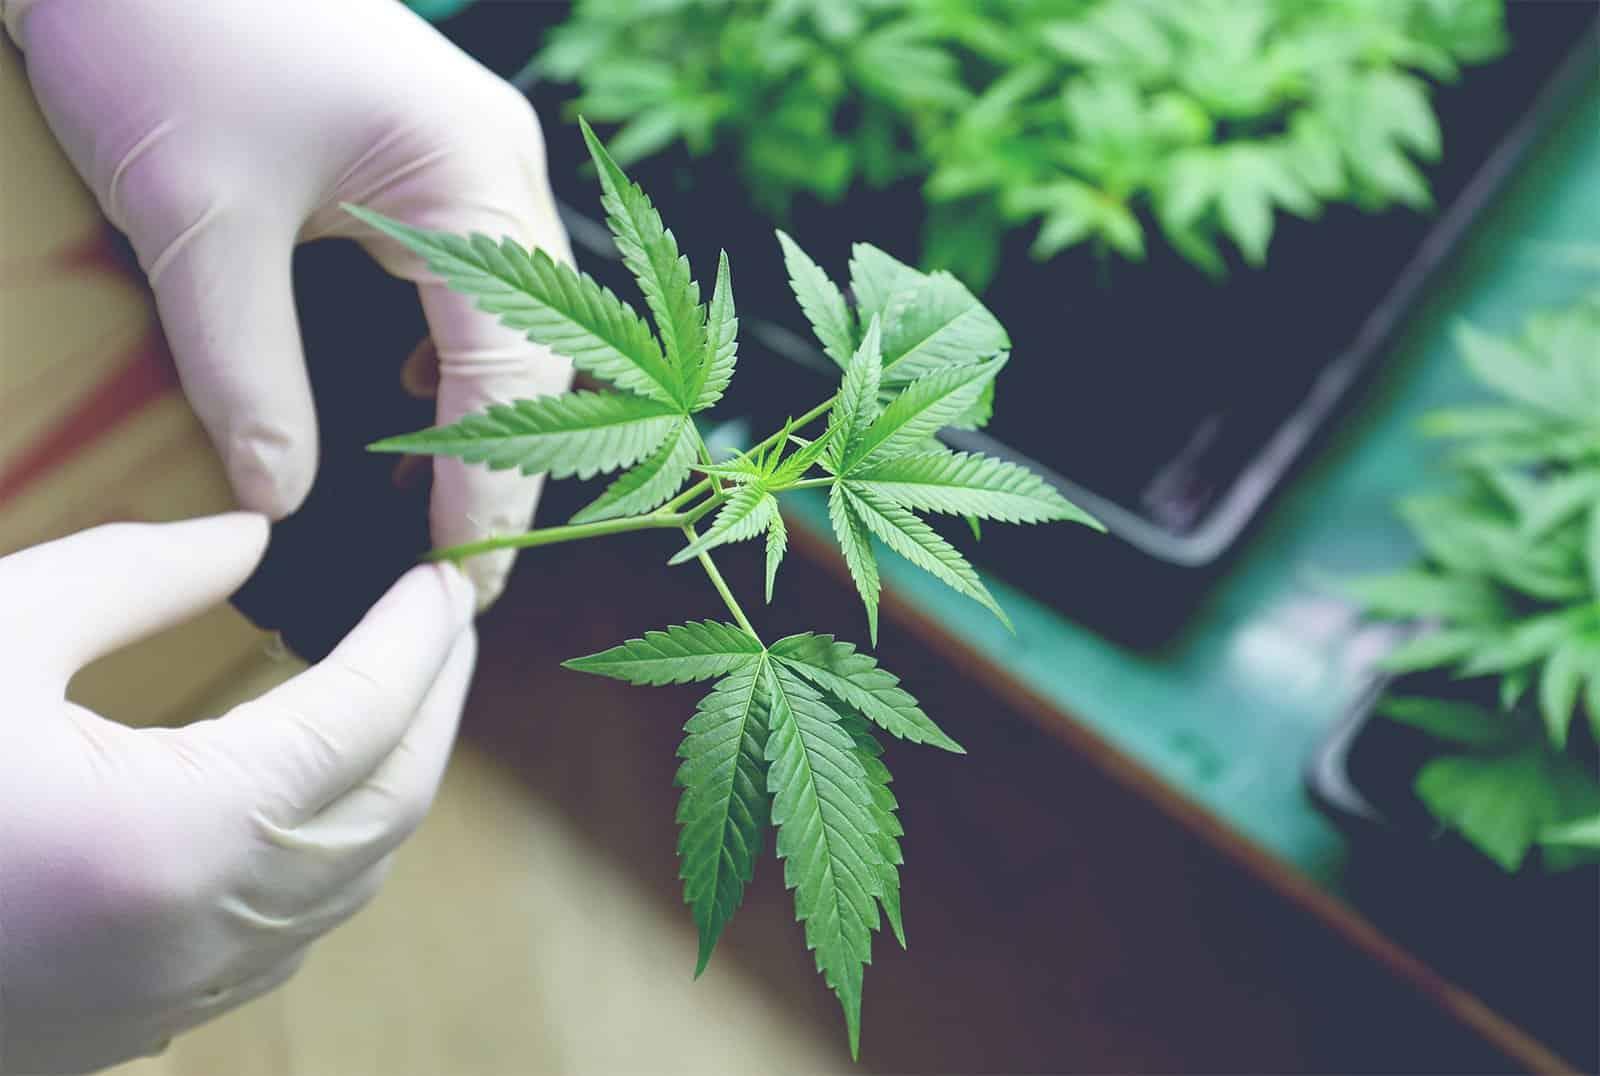 Снижает ли марихуана артериальное давление методы курения конопли